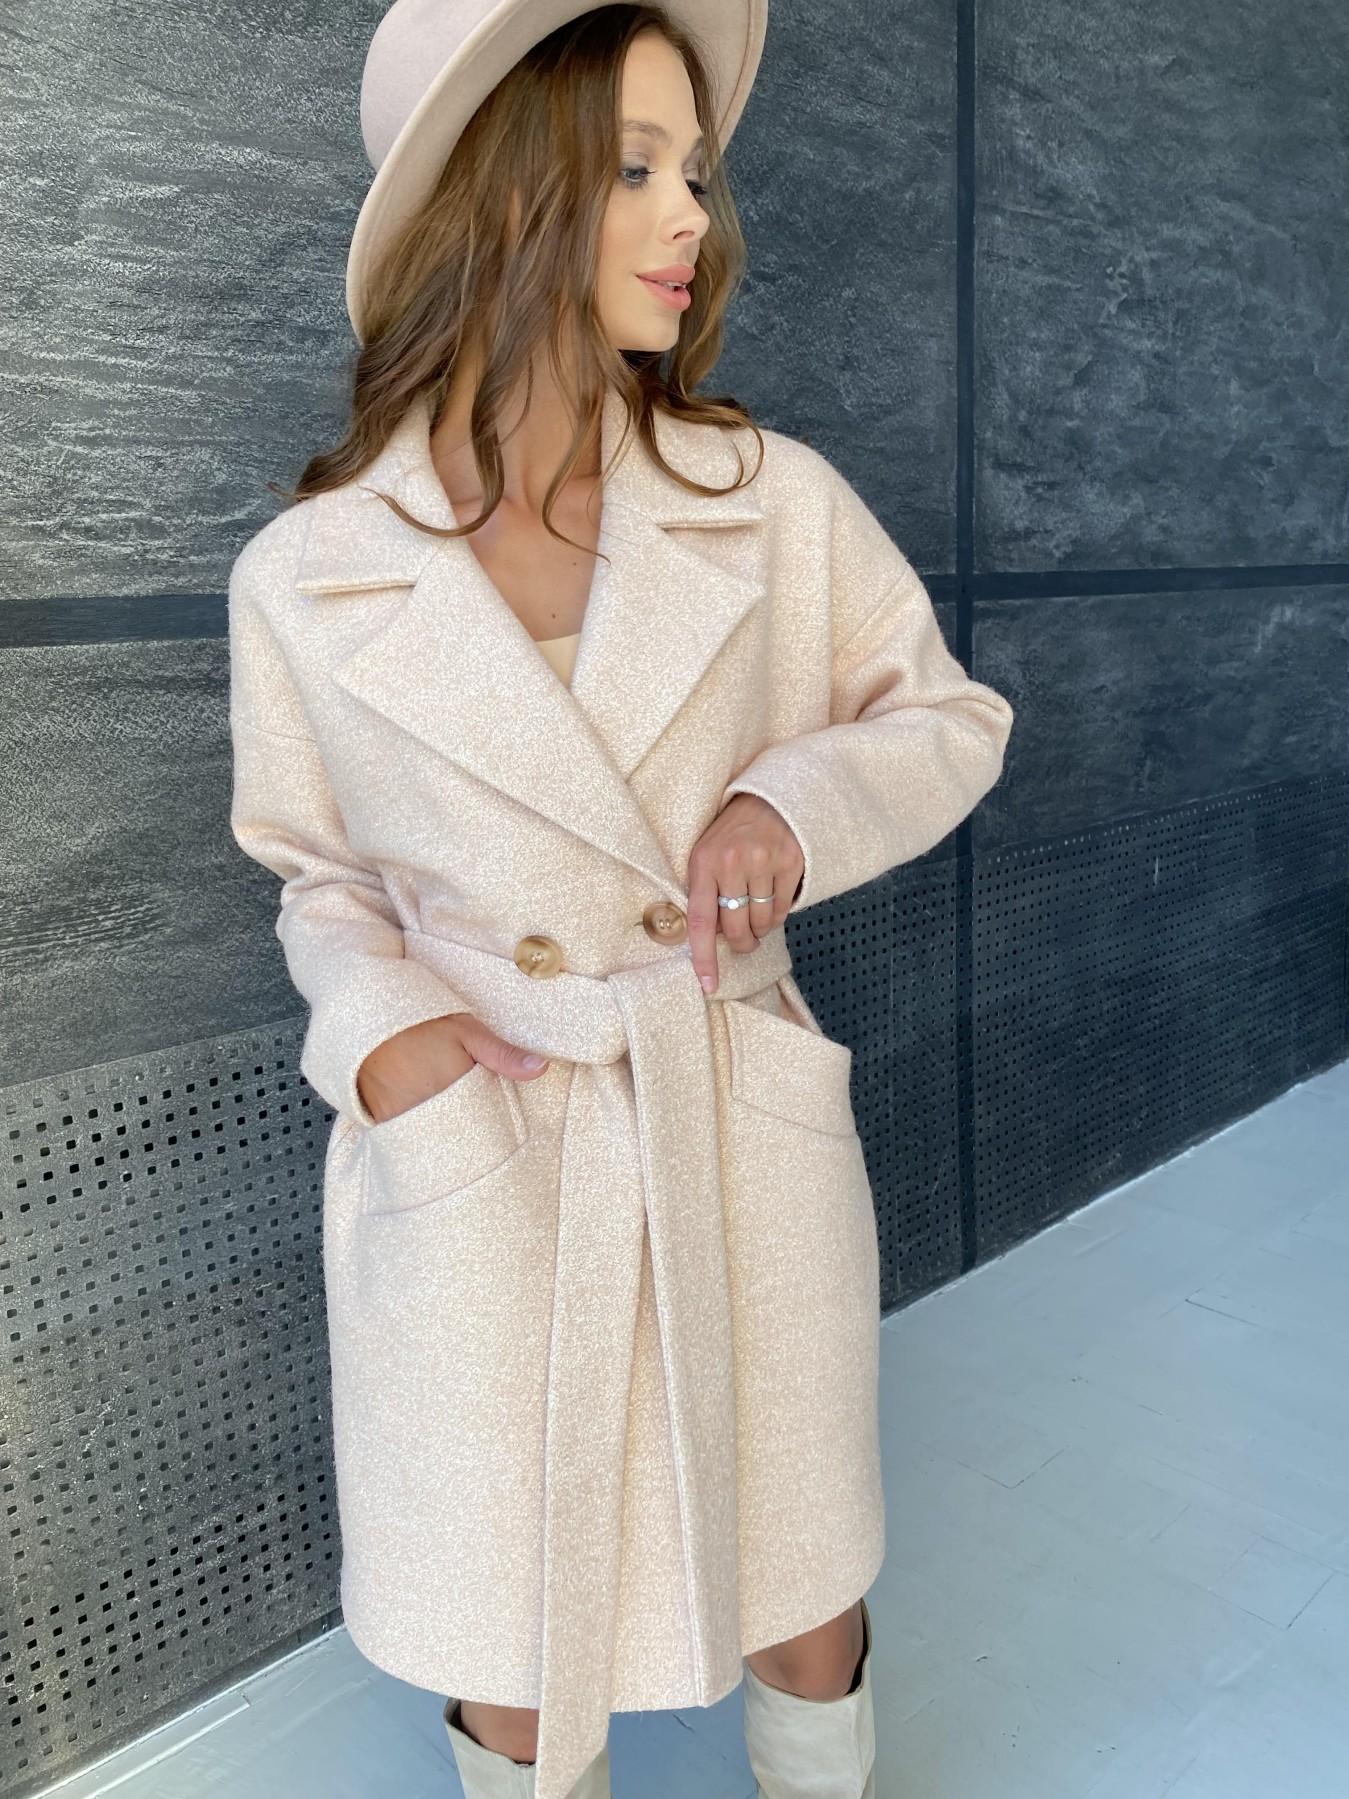 Сенсей пальто  шерсть букле мелкое пальтовая ткань 11647 АРТ. 48355 Цвет: Бежевый 30 - фото 7, интернет магазин tm-modus.ru